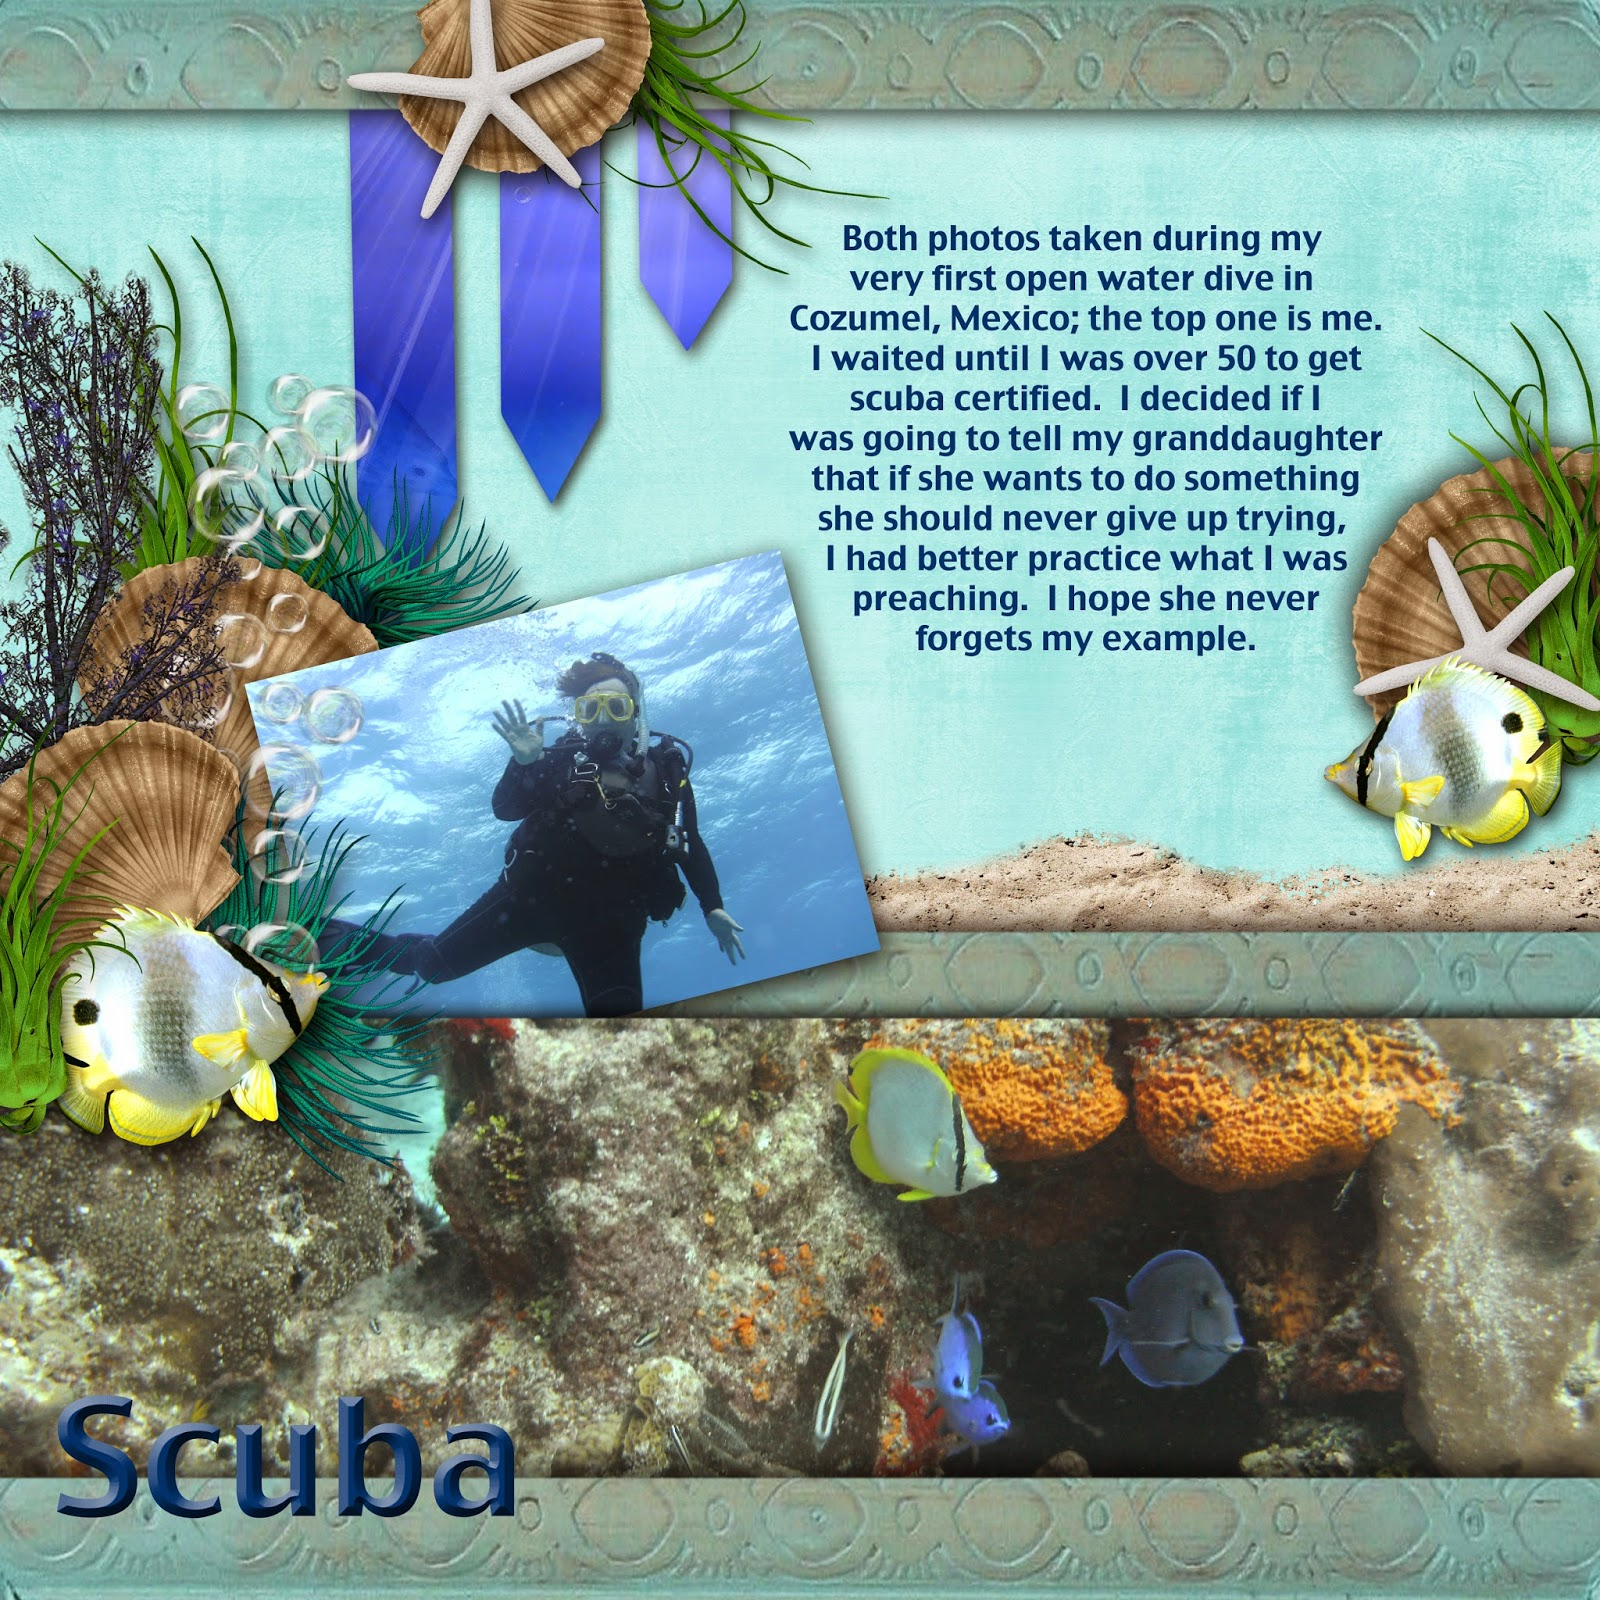 http://1.bp.blogspot.com/-8o4MS4QBMIE/U0im02qEWLI/AAAAAAAAAak/8ujXOmA9ycw/s1600/Under+the+Sea+2009_edited-1.jpg